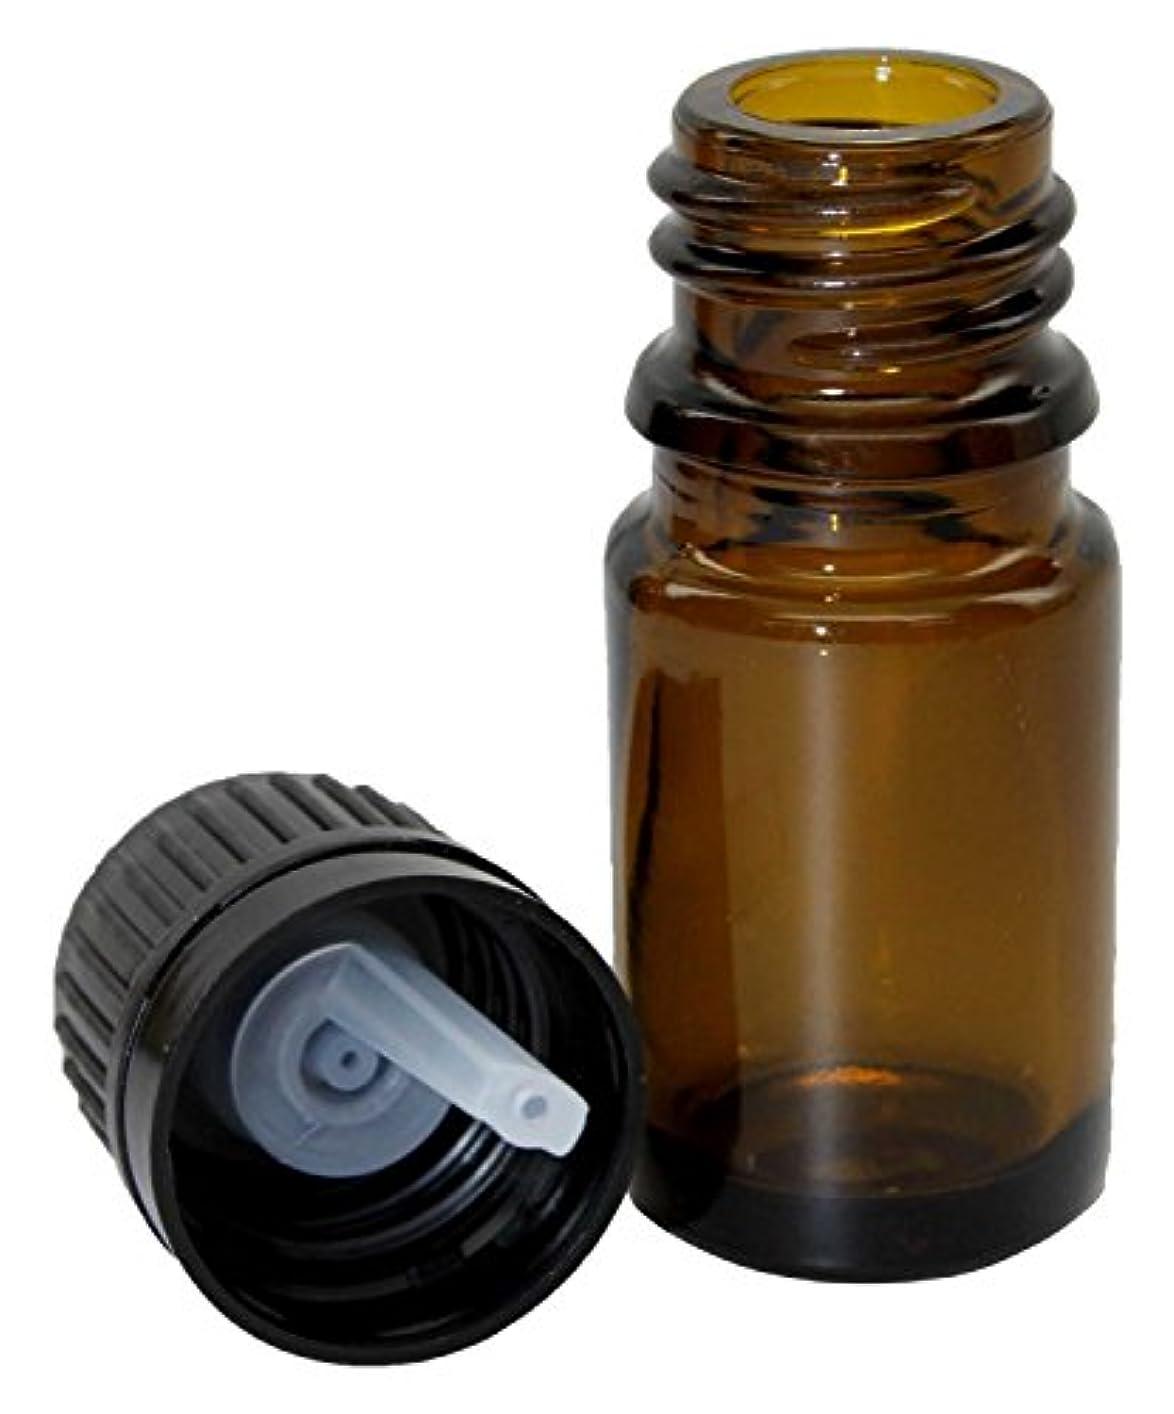 パンダカメ窓を洗うPlant Therapy Essential Oils (プラントセラピー エッセンシャルオイル) 10 ml (1/3 オンス)ヨーロッパ式のドロッパーキャップの付いた、アンバー色のガラス製エッセンシャルオイル ボトル...